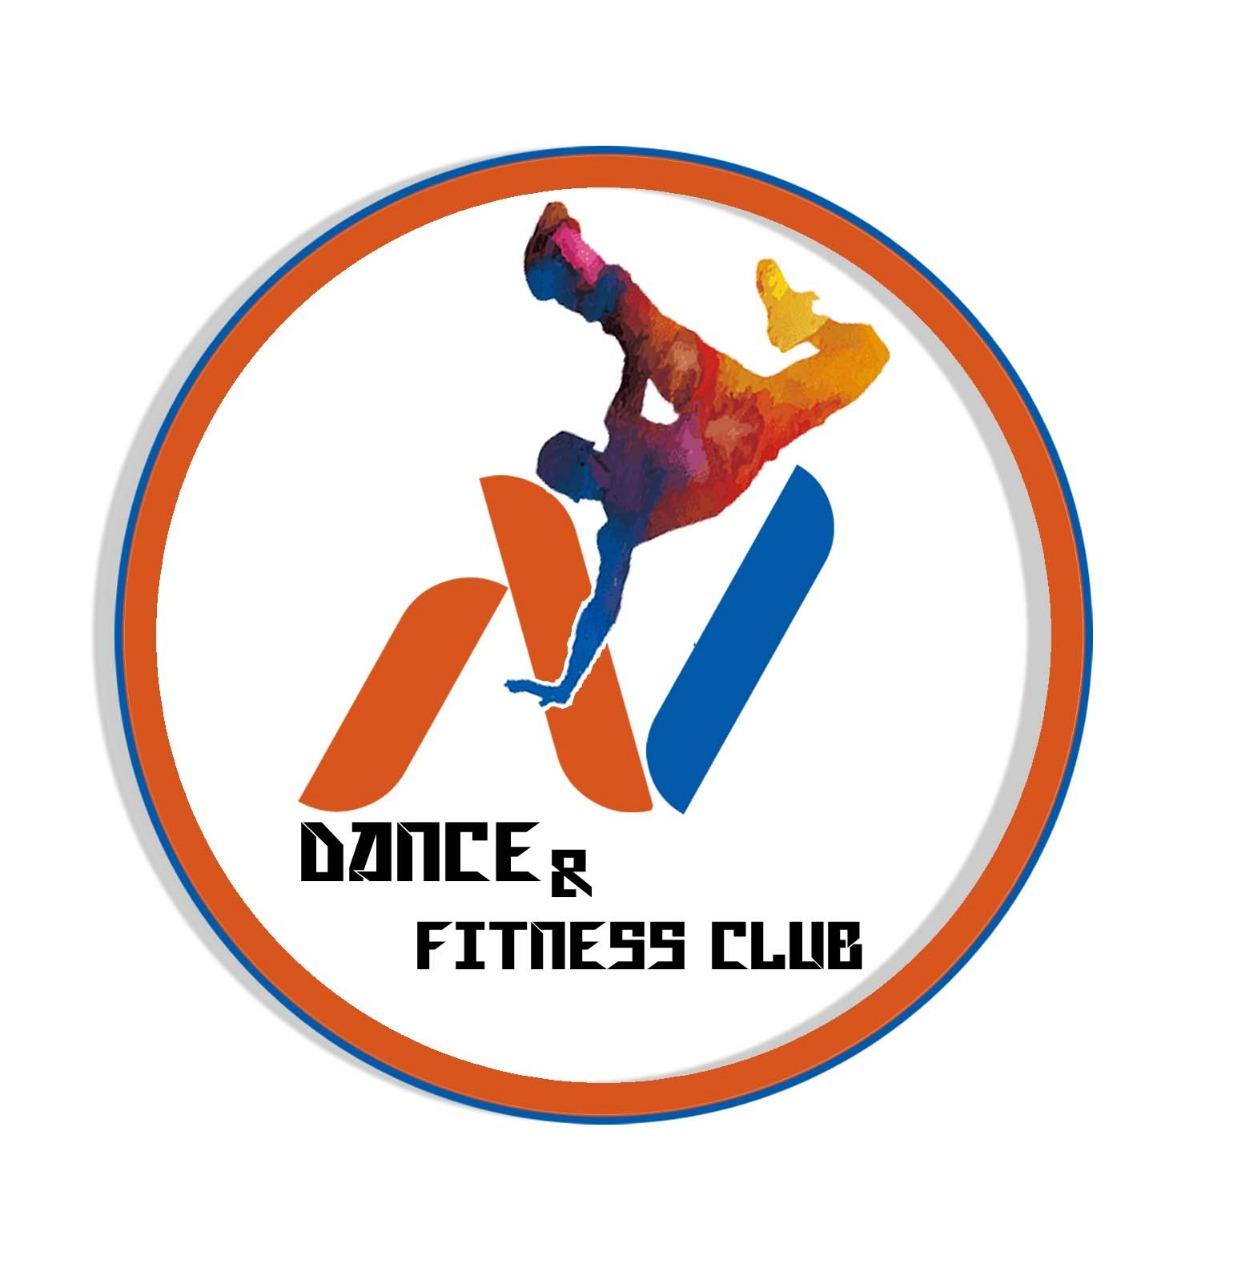 AV Dance And Fitness Club